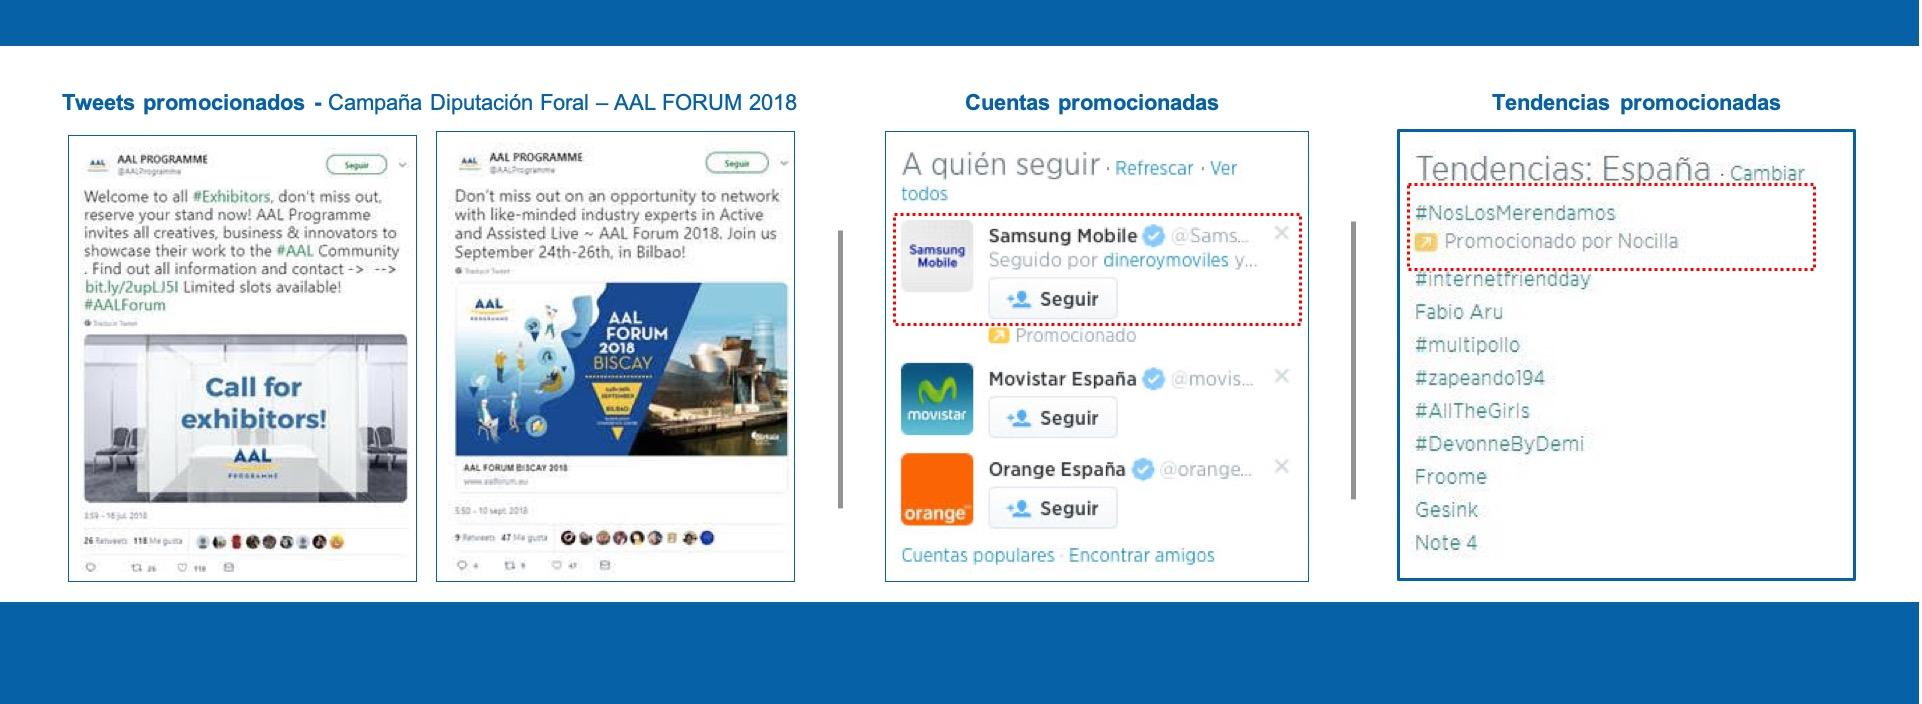 Ejemplos de campañas, tuits y cuentas promocionadas en twitter.